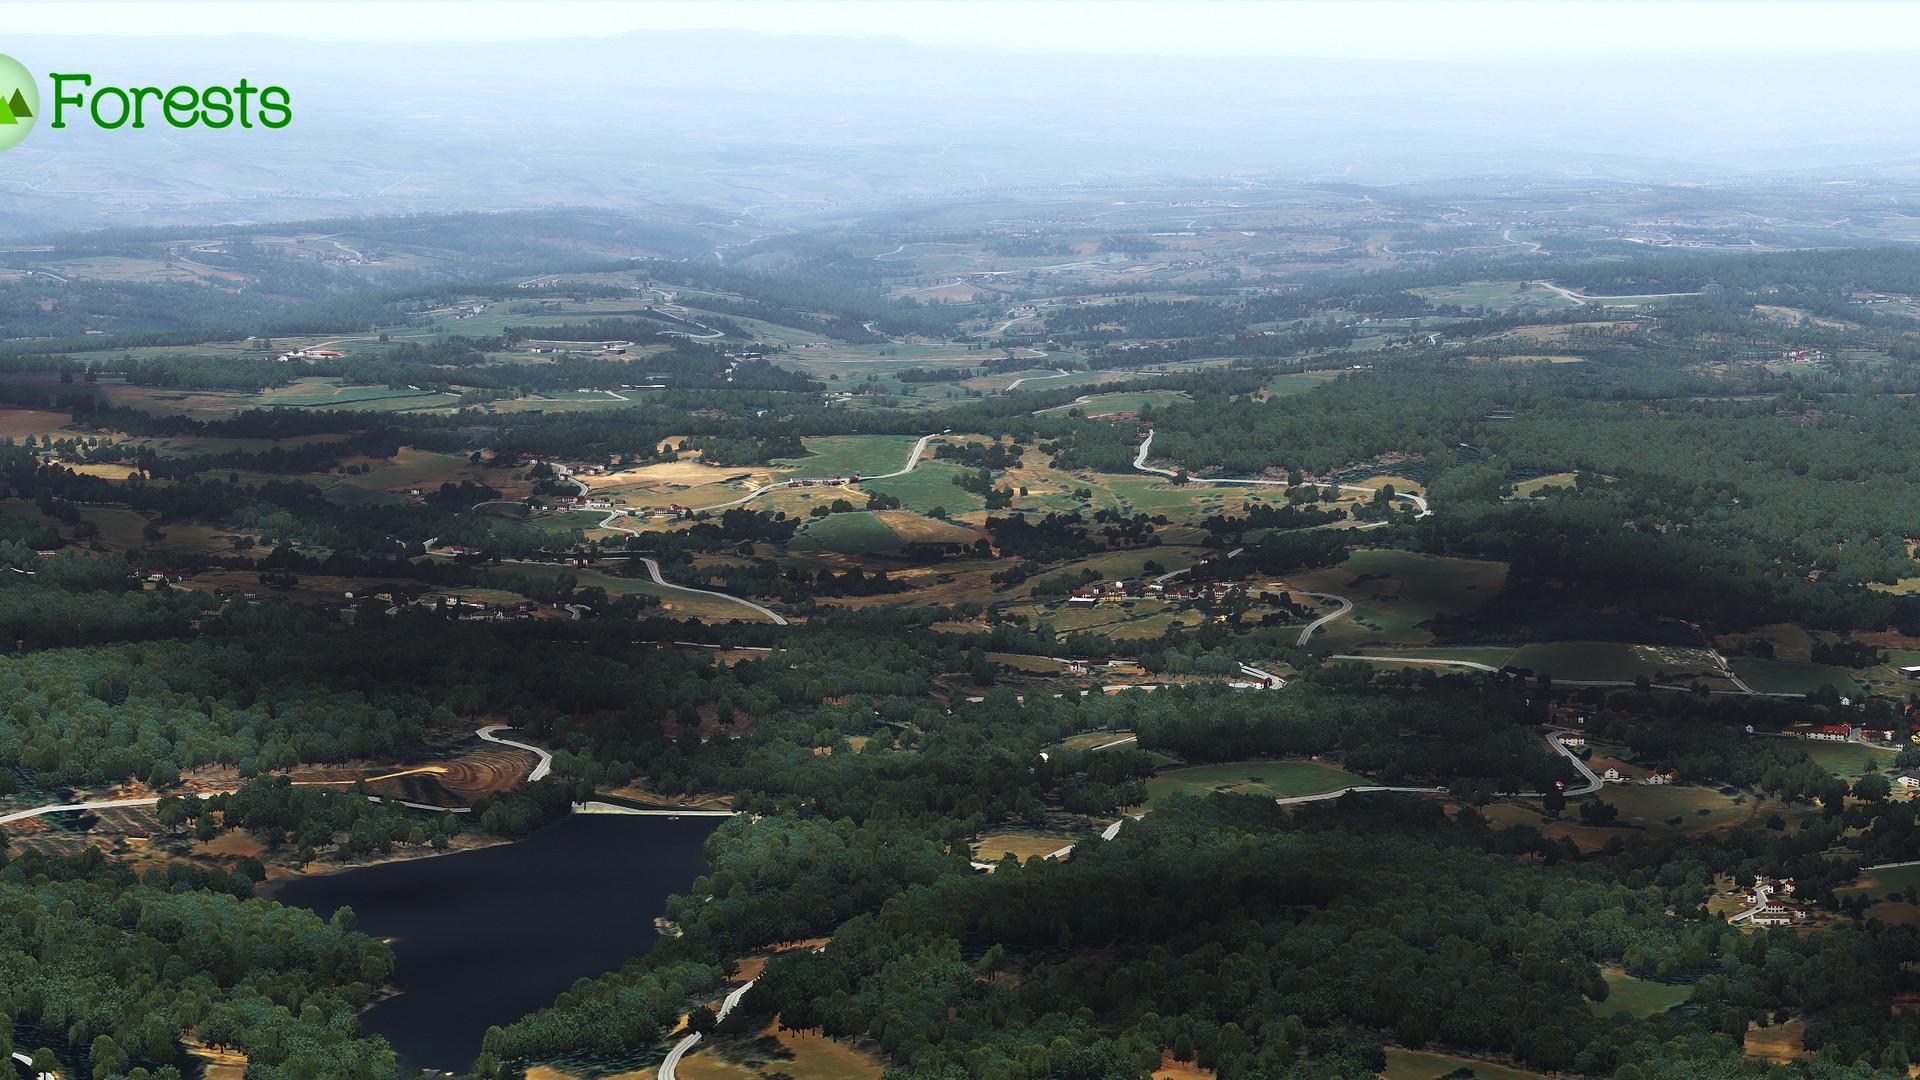 Global_Forests_France.jpg